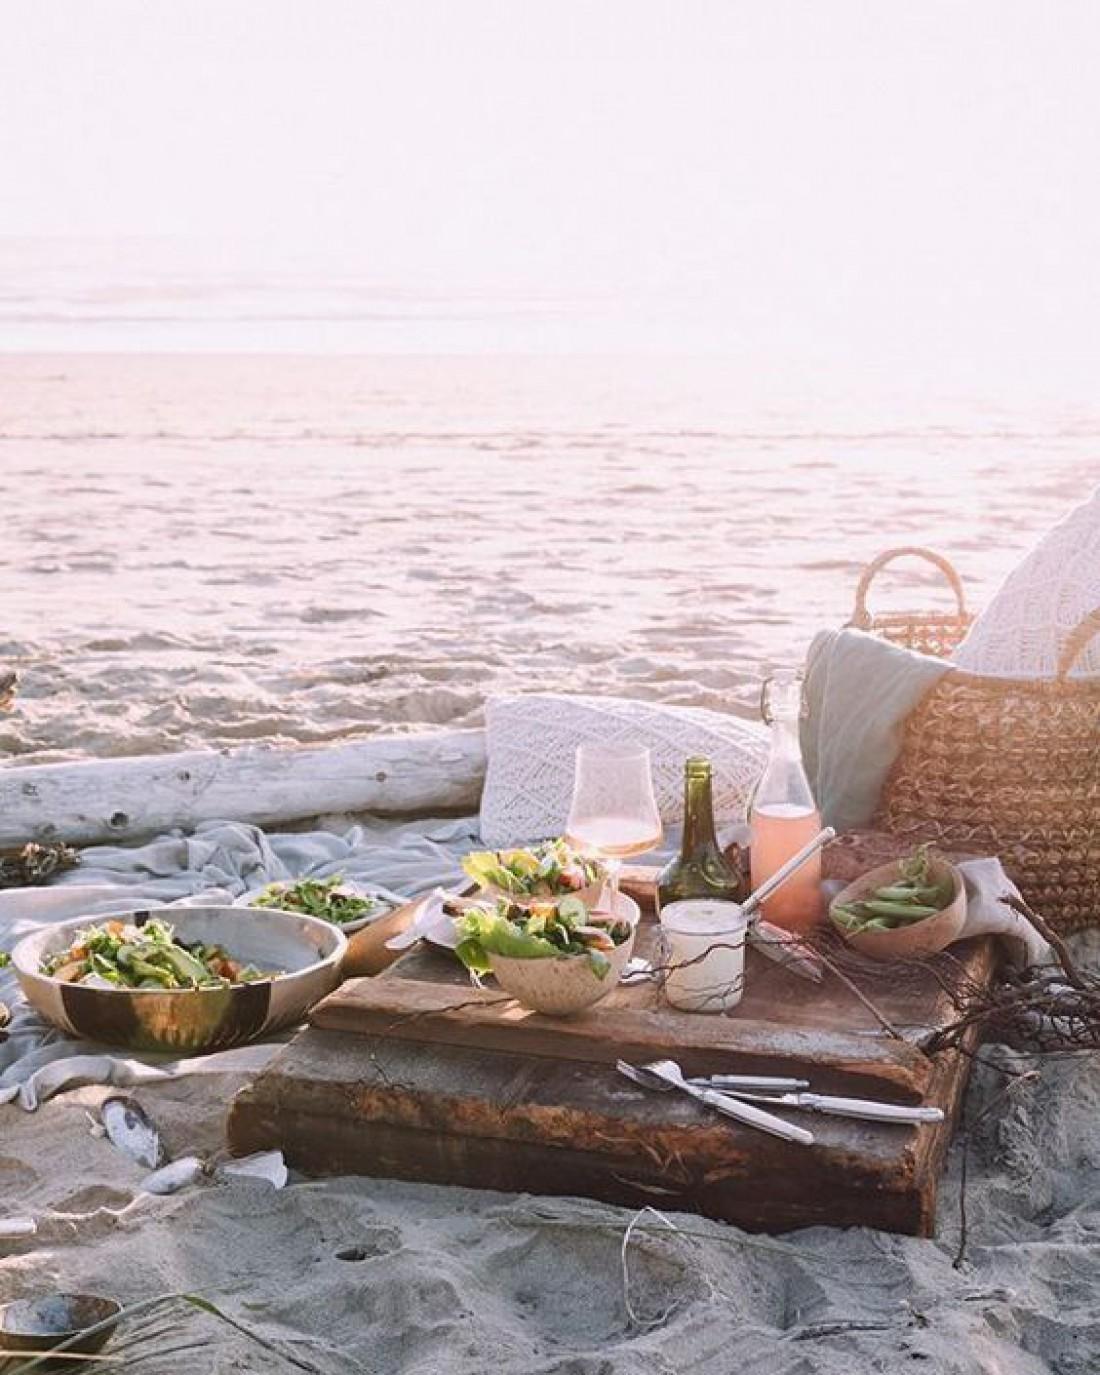 Какую еду НЕЛЬЗЯ покупать на пляже?